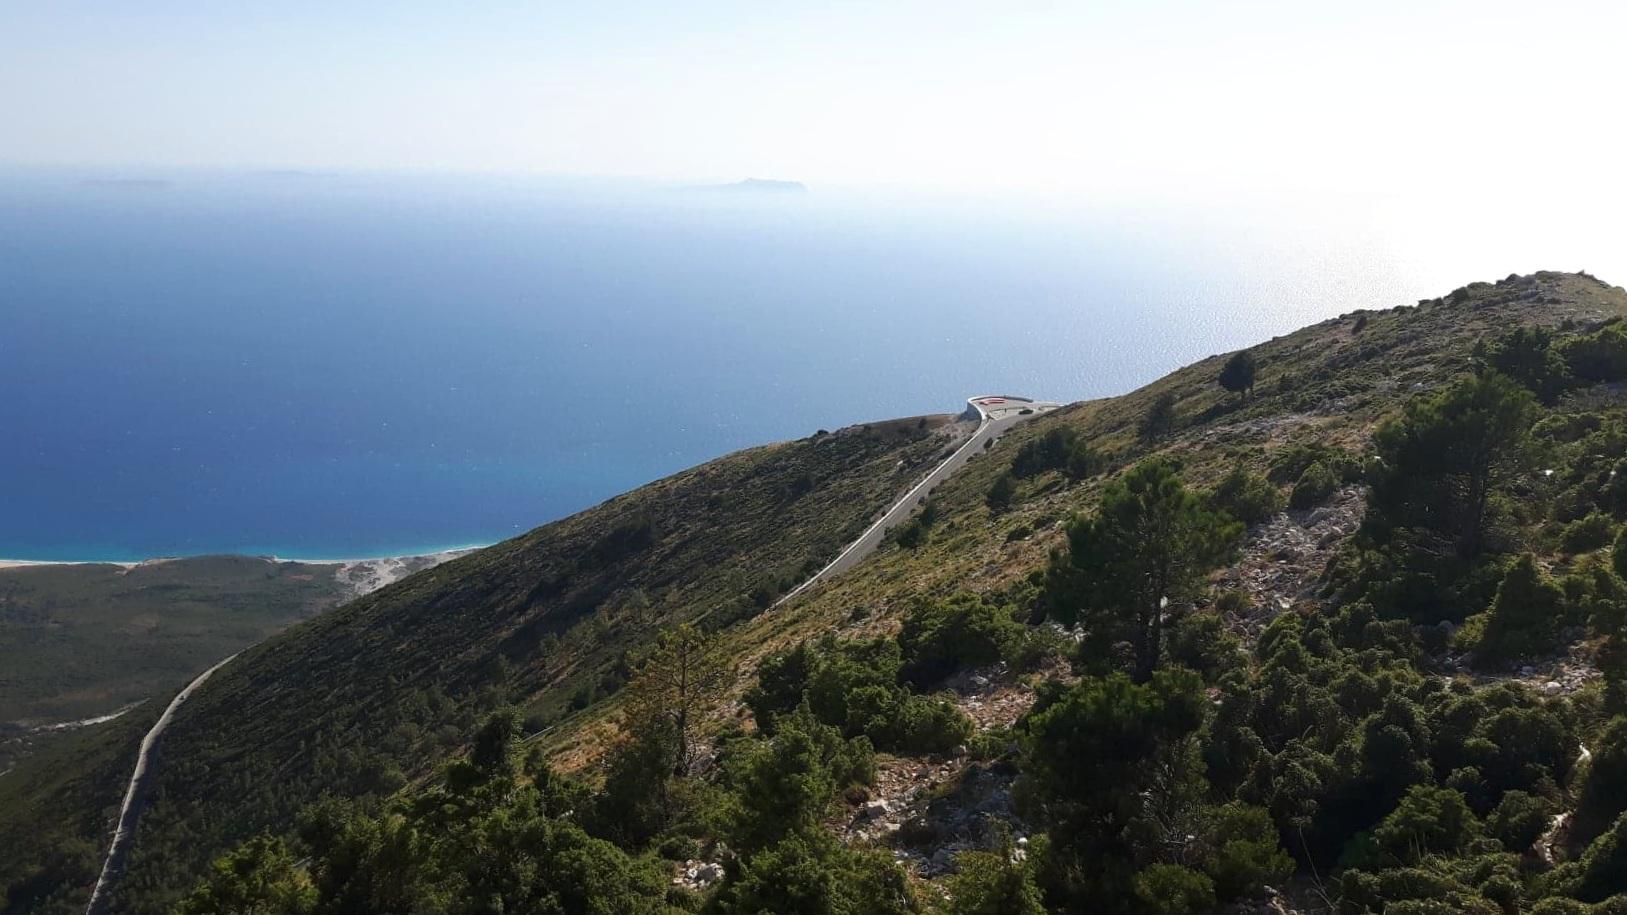 Kuva otettu noin kilometrin korkeudessa, jossa alhaalla näkyy alas lähtevä rallitie, upea Joonian meri ja Himaran rannat. Kuva: Allan Rannisto